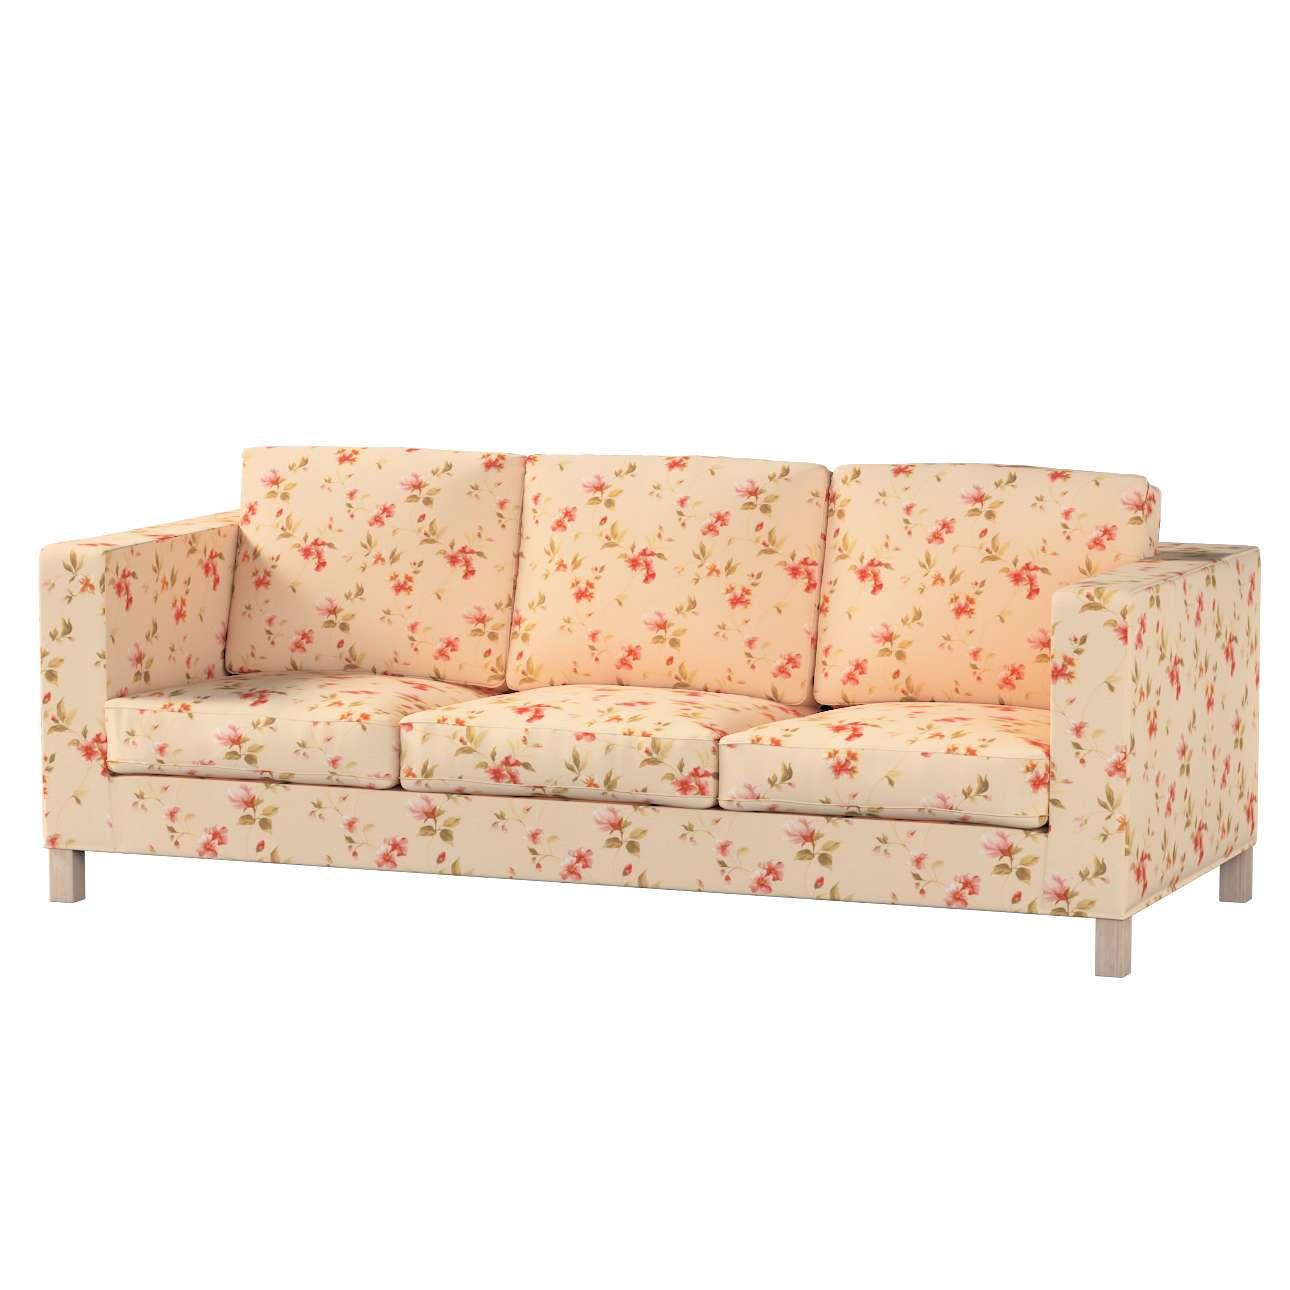 Pokrowiec na sofę Karlanda 3-osobową nierozkładaną, krótki Sofa Karlanda 3-os w kolekcji Londres, tkanina: 124-05